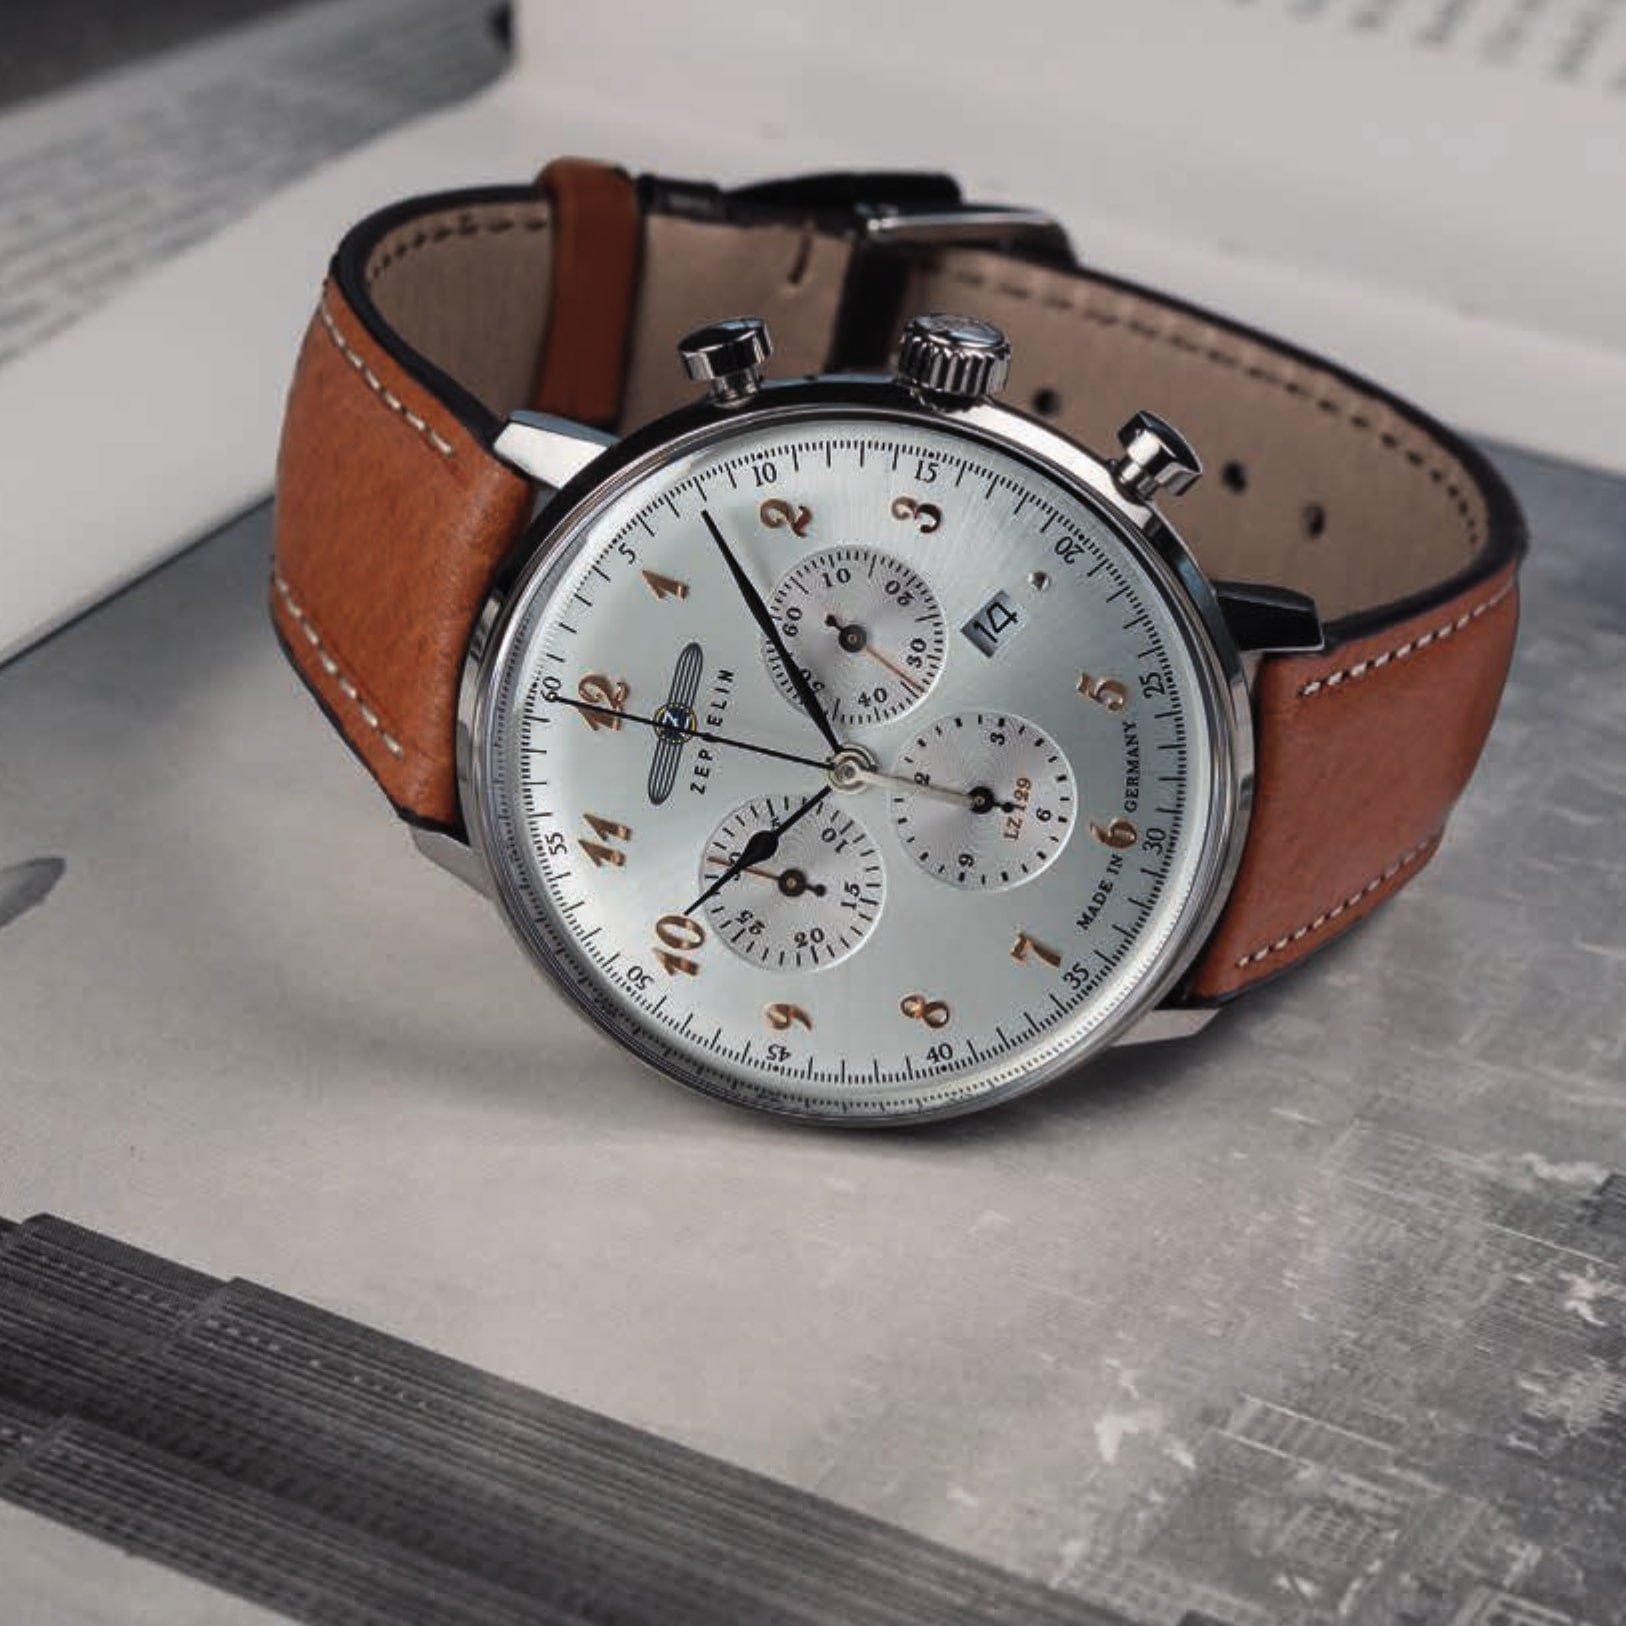 stylowy zegarek Zeppelin na skórzanym brązowym pasku